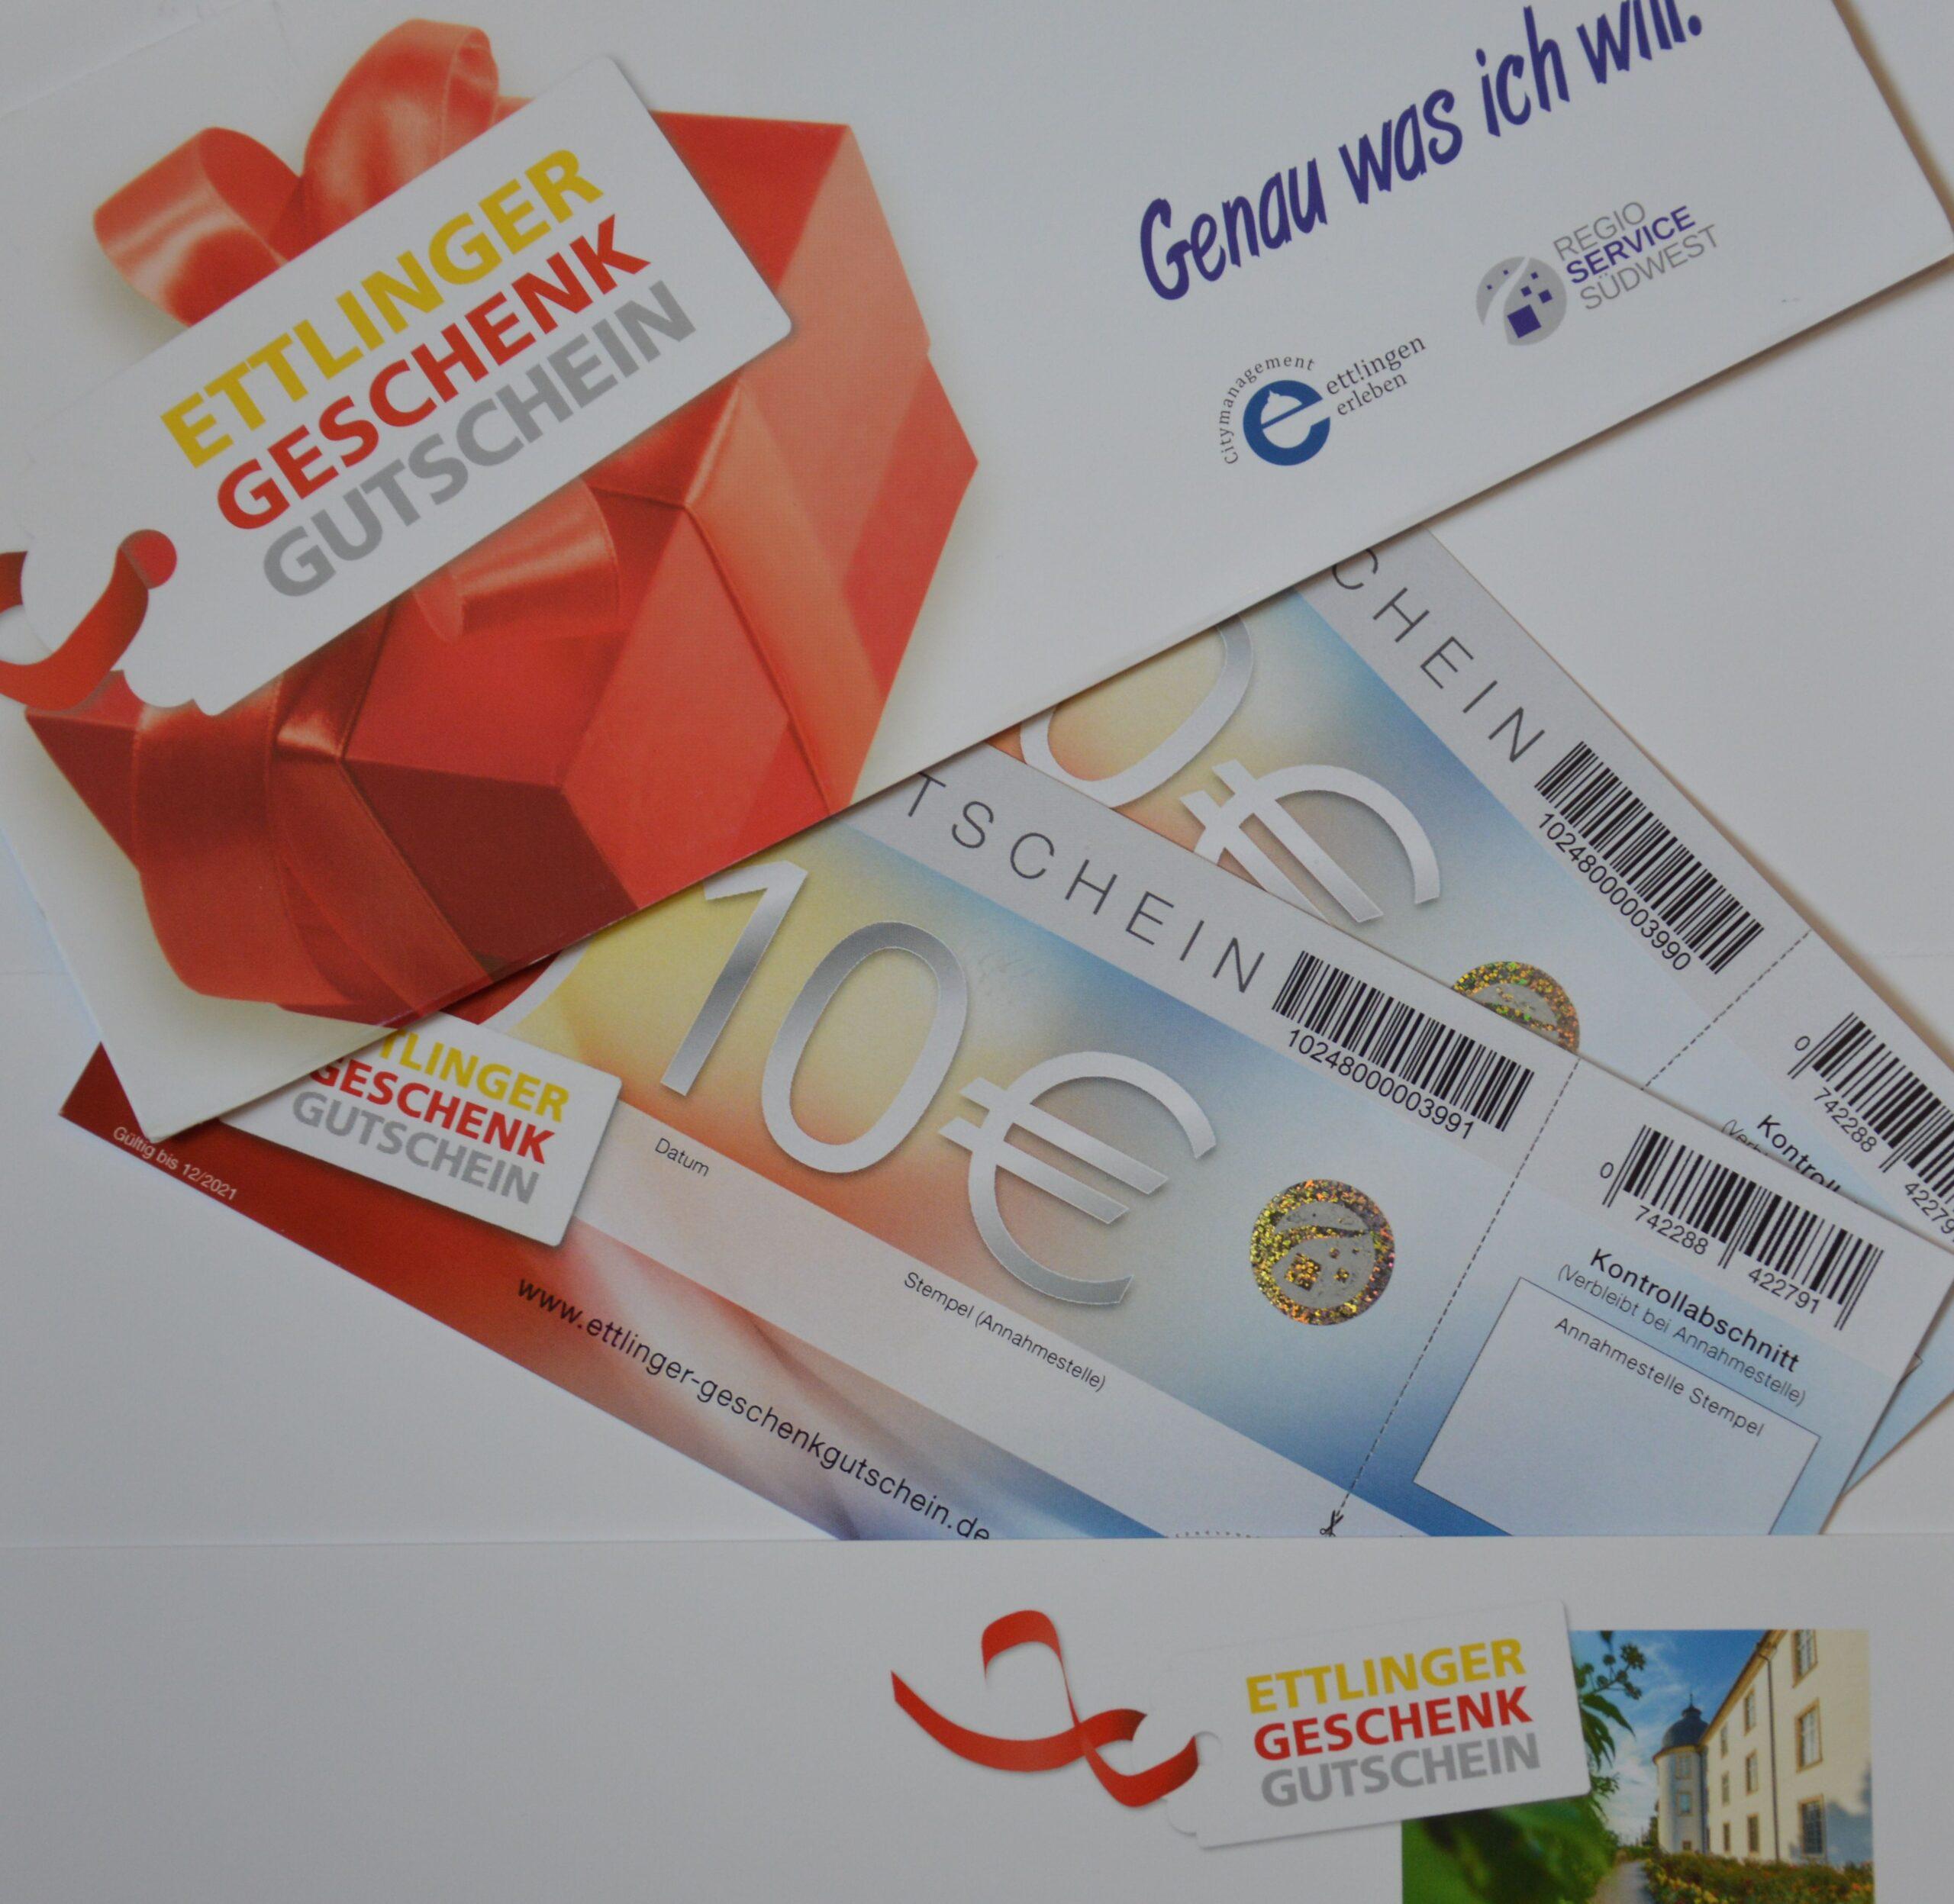 Geschenkgutschein Ettlingen_CM Ettlingen